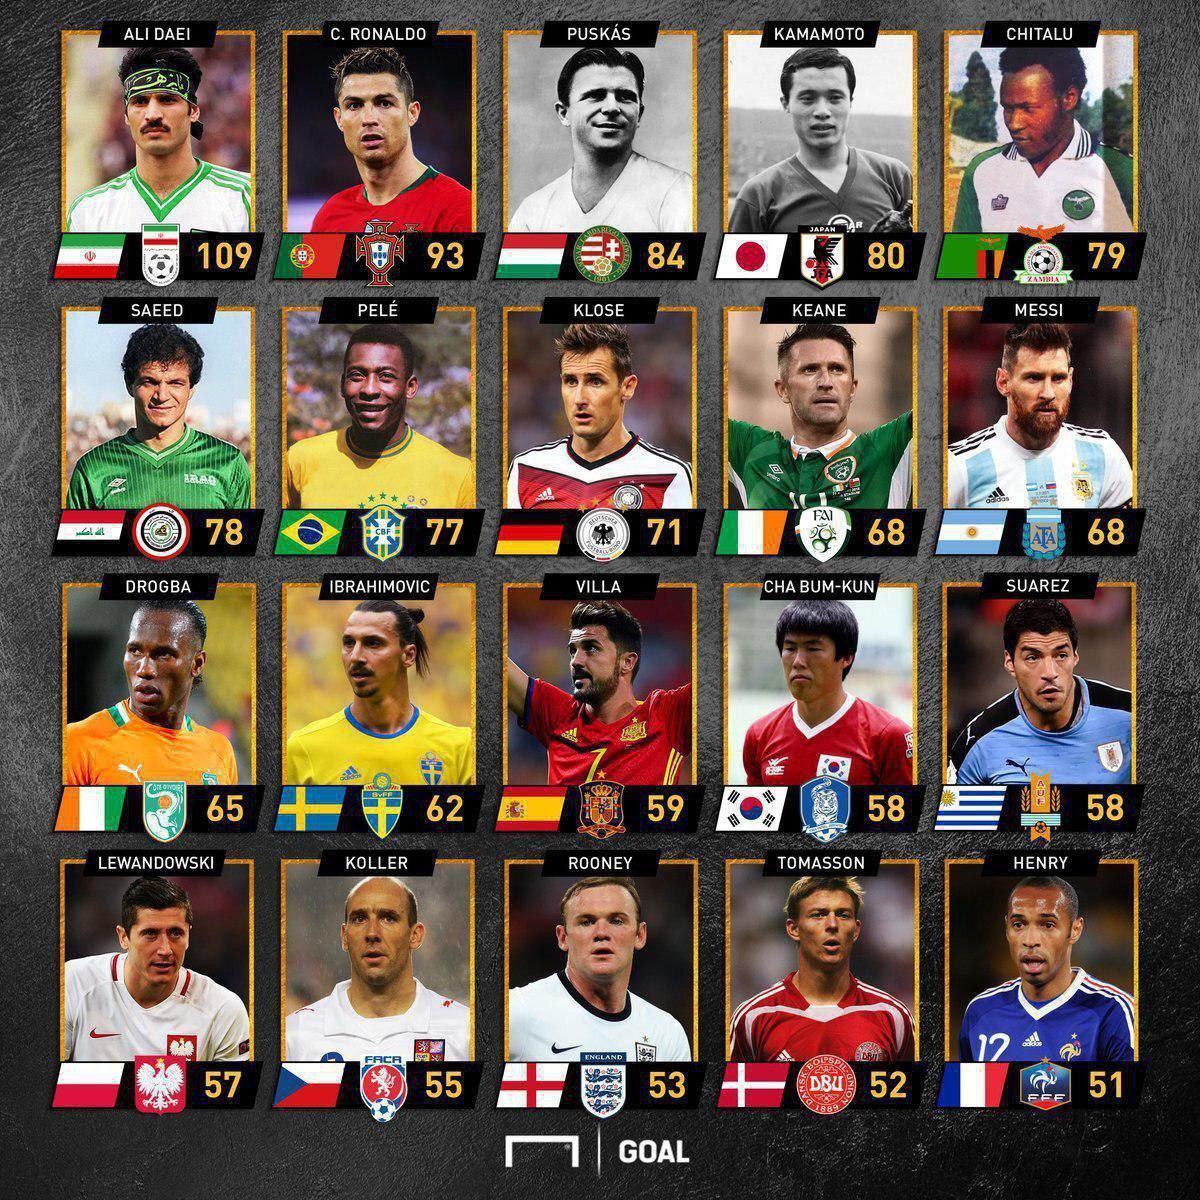 برترین گلزنان تاریخ فوتبال ملی جهان + اینفوگرافیک